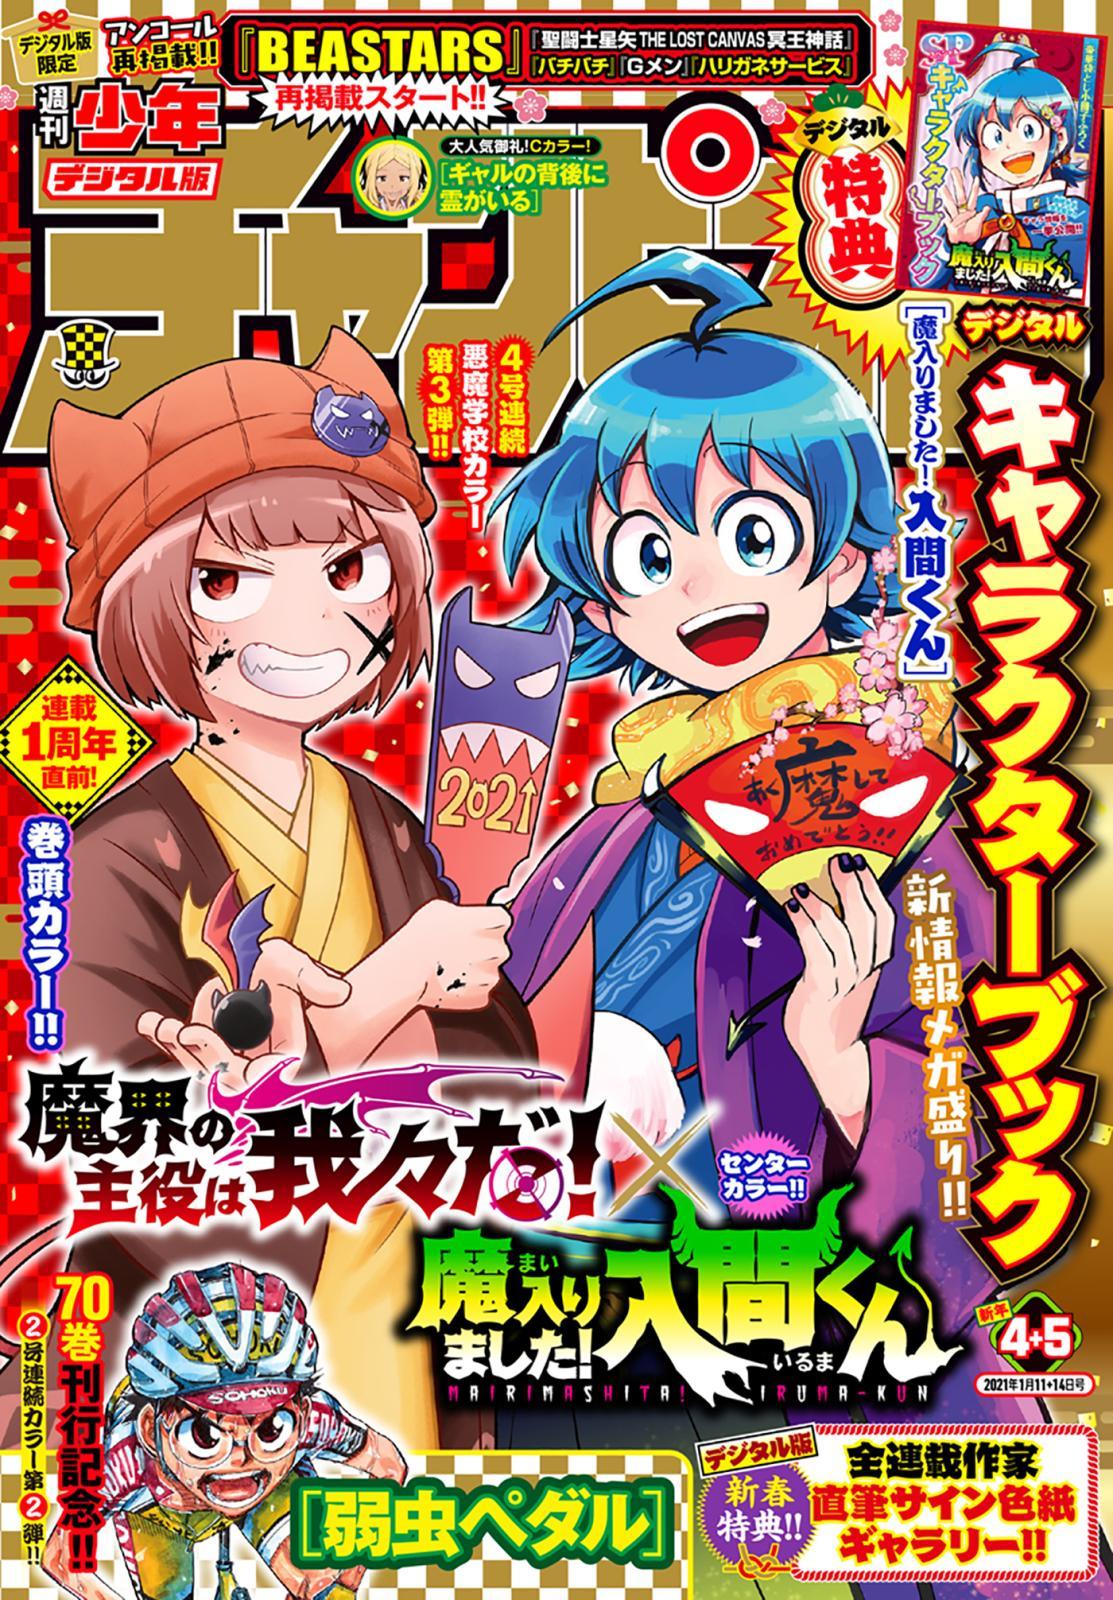 週刊少年チャンピオン2021年04+05号